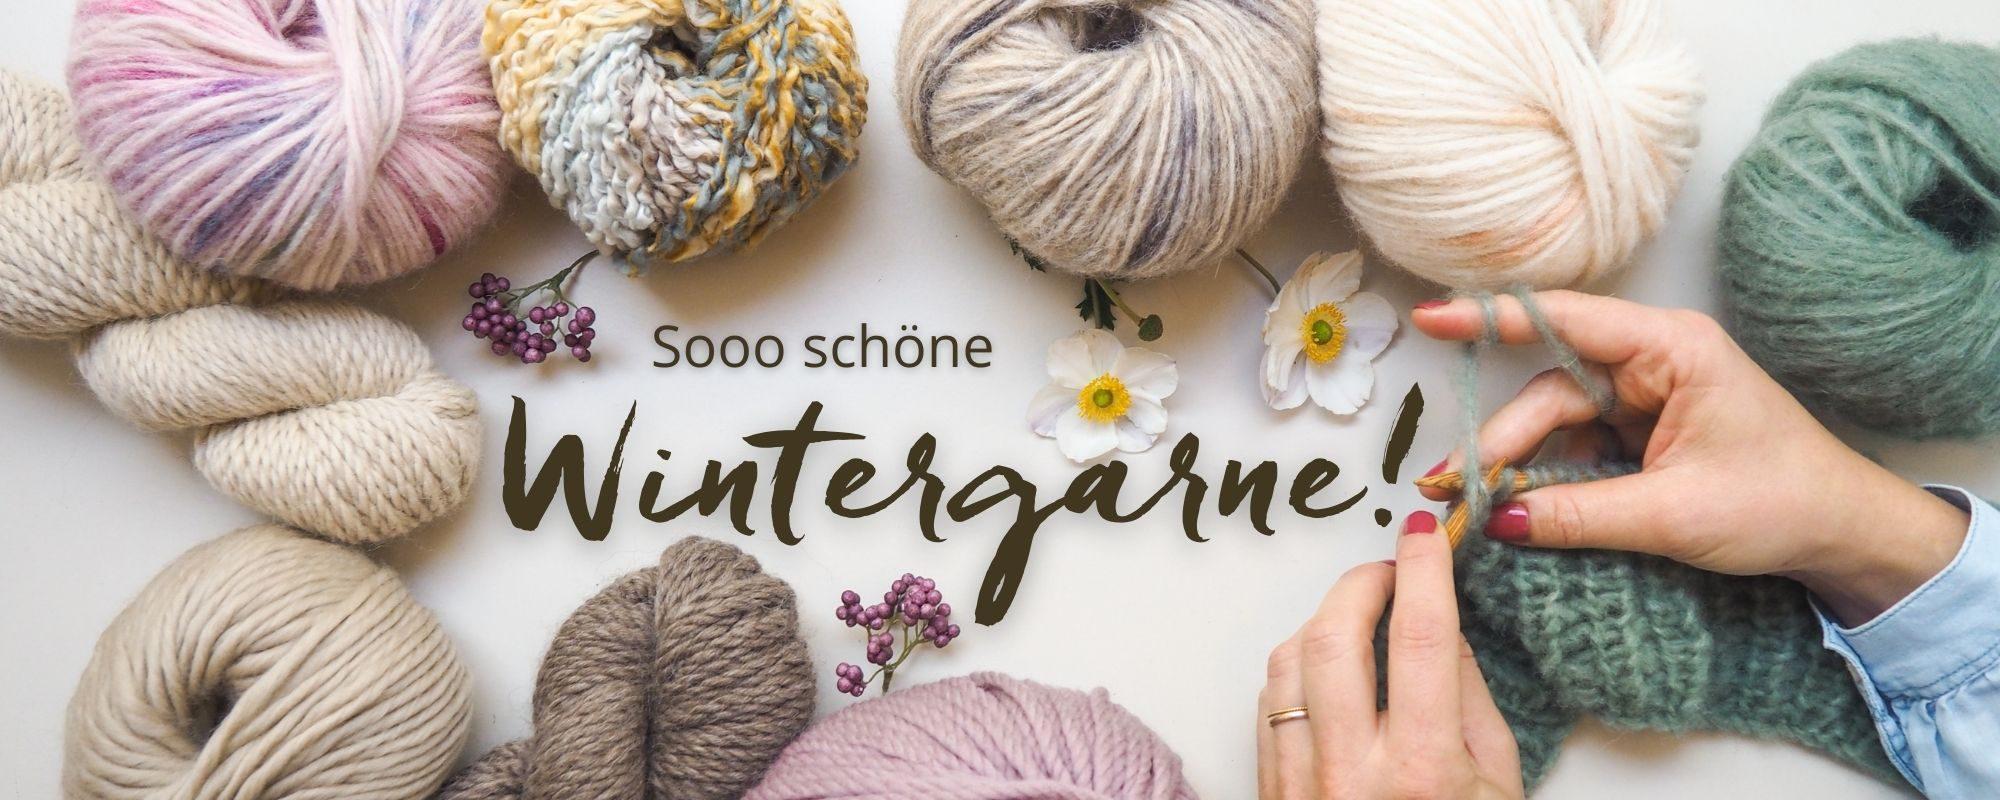 So Schöne Wintergarne Header Webshop 2000x800